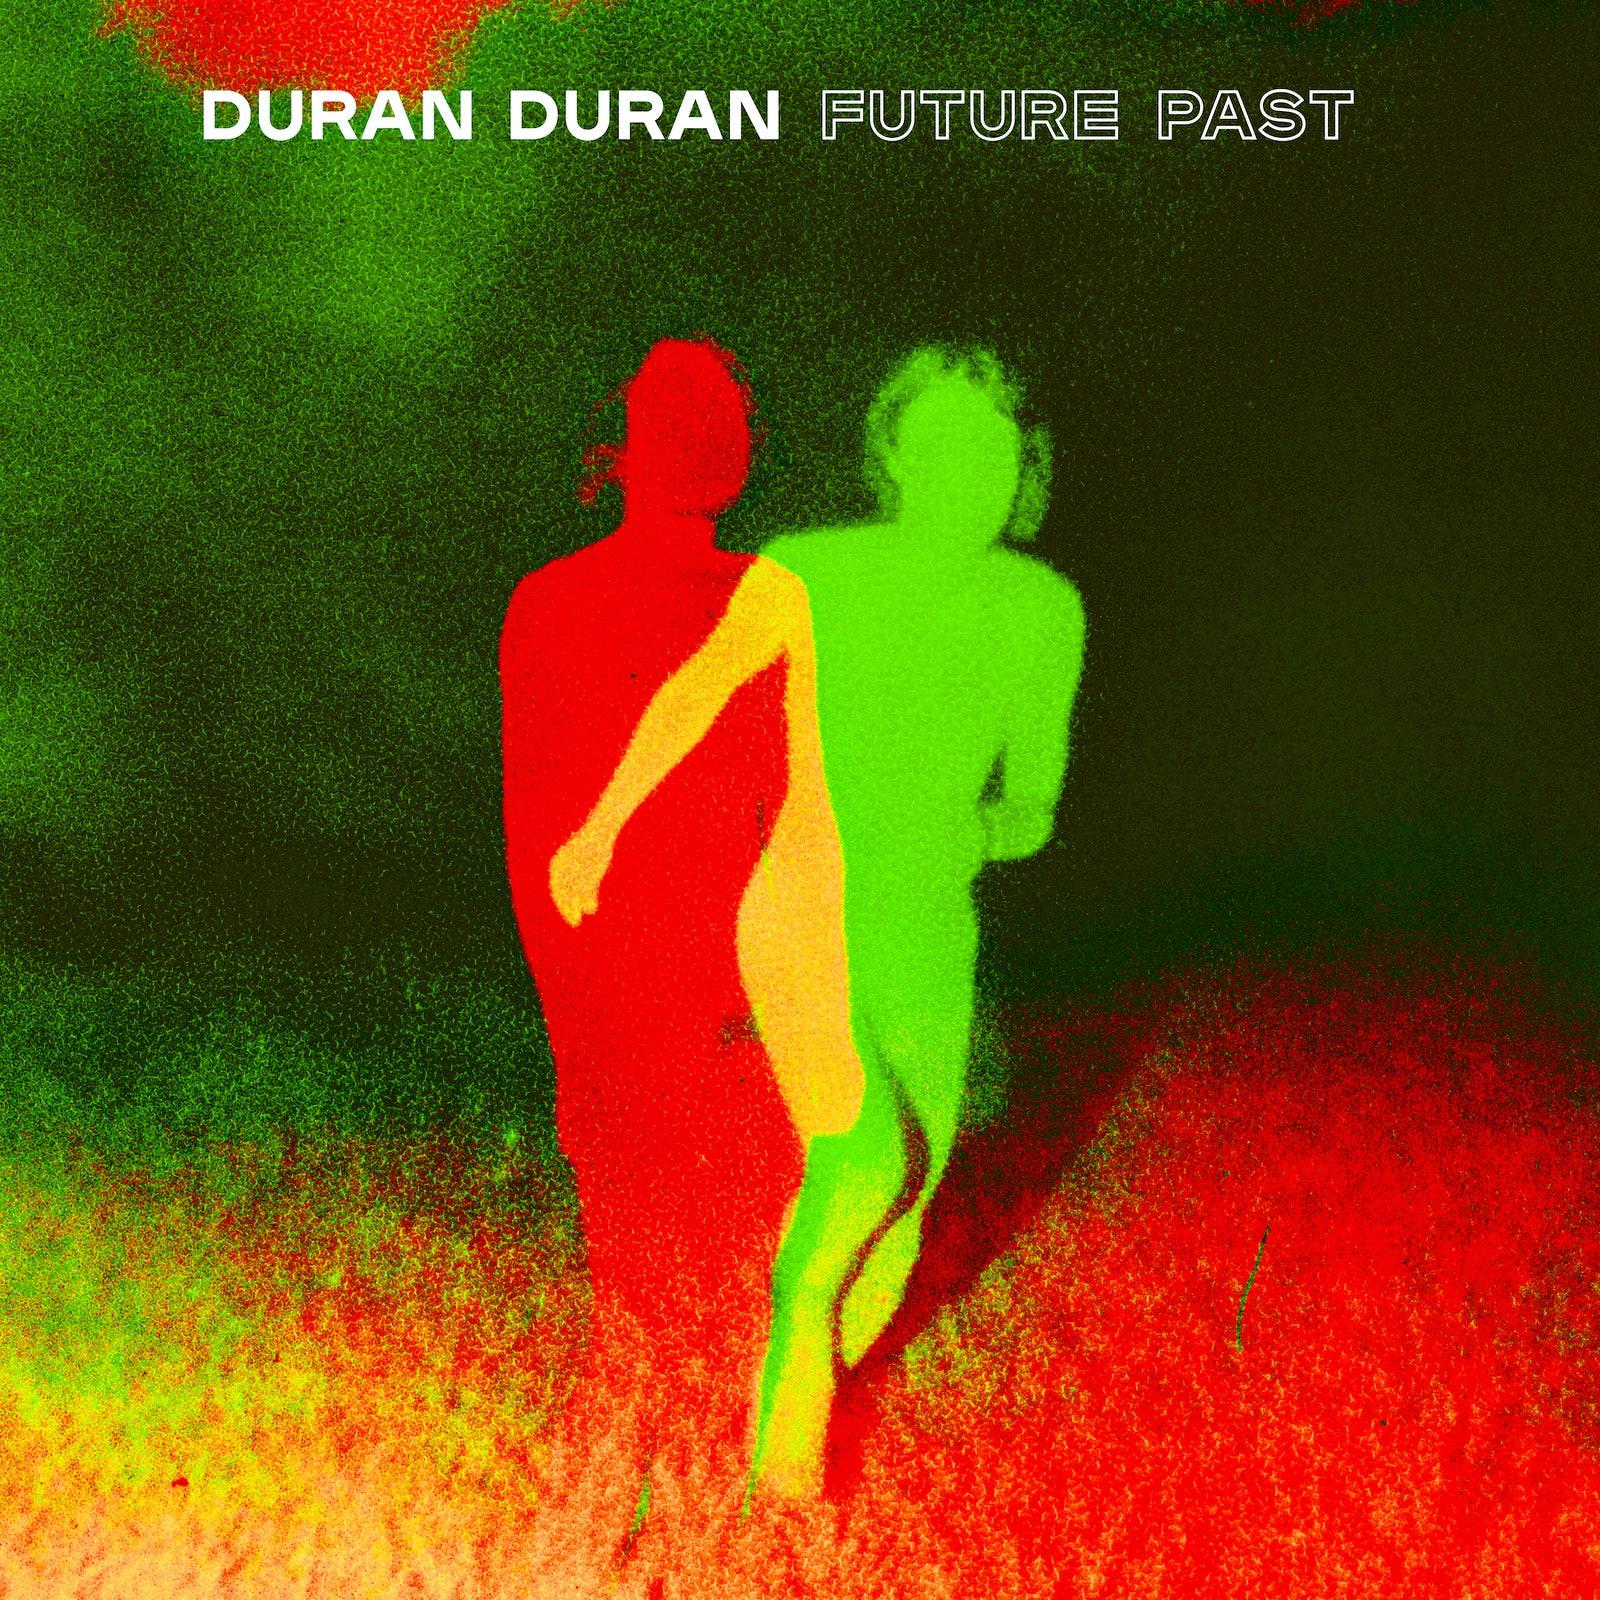 duran duran future past 2021 album cover